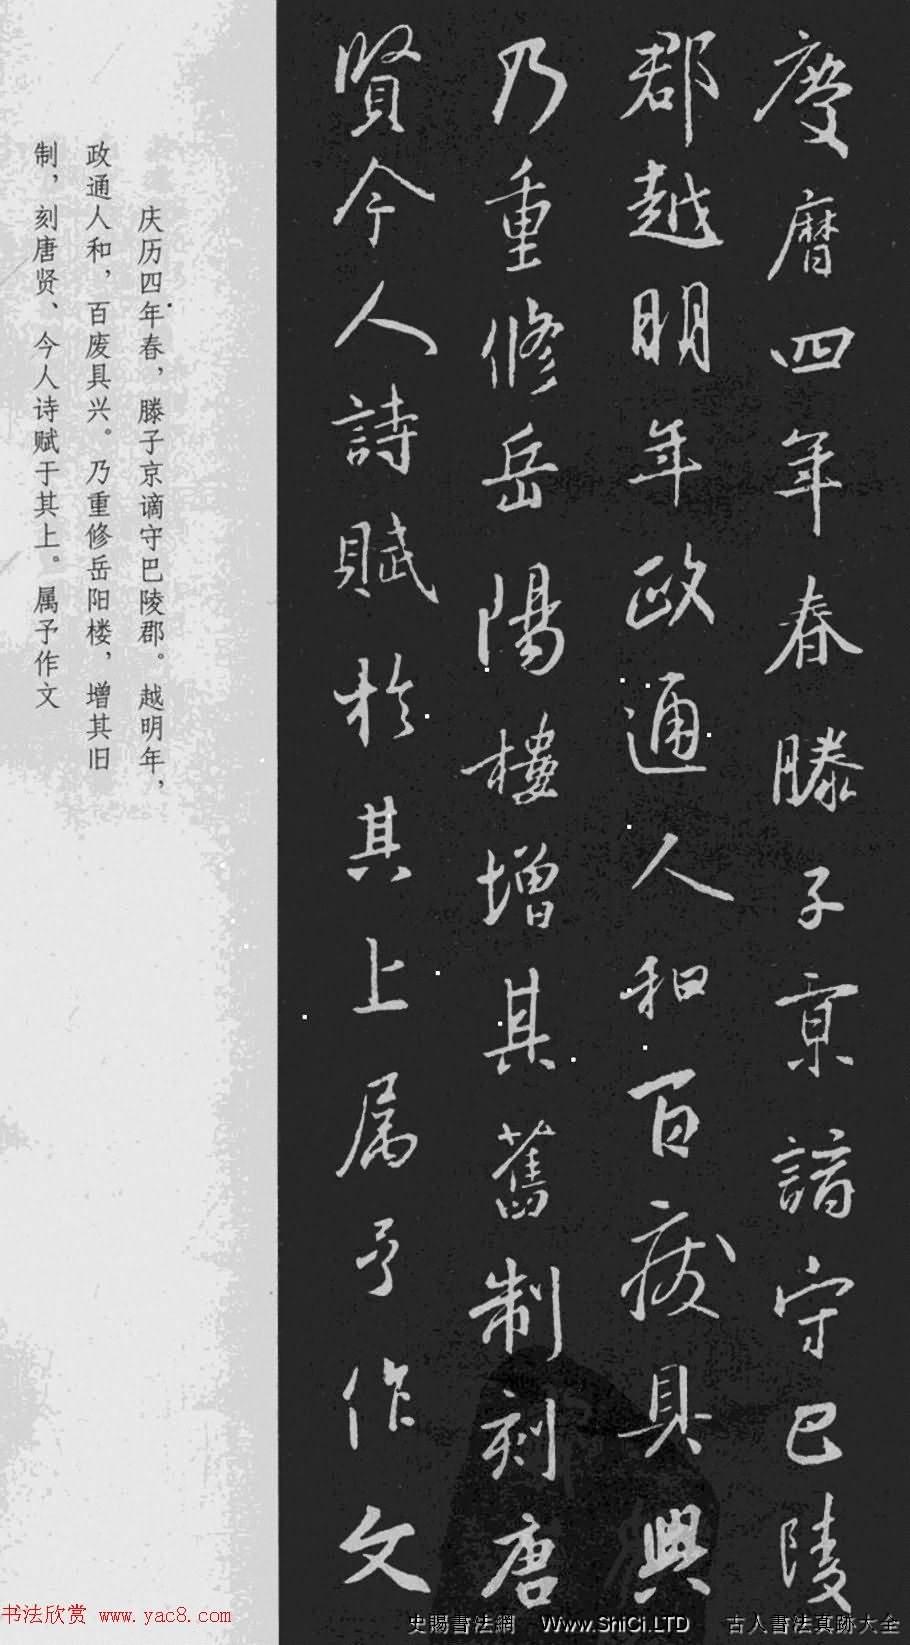 王羲之行書《岳陽樓記》於景頫集字(共8張圖片)